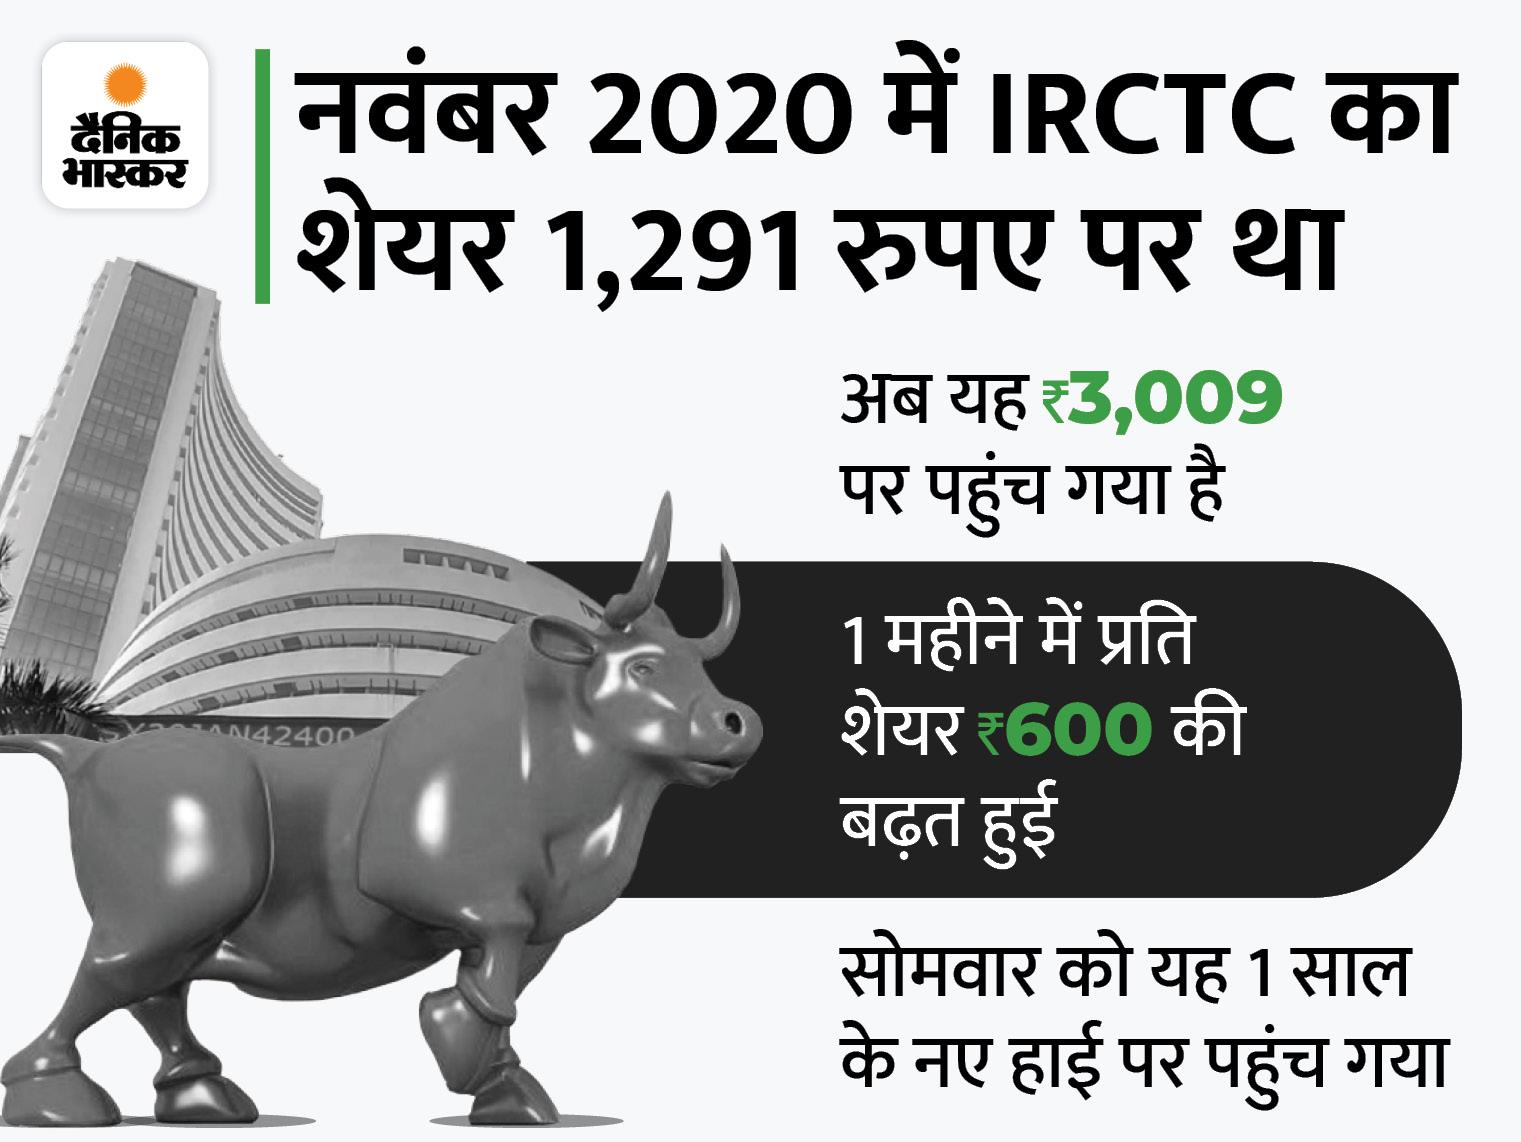 IRCTC टॉप 100 कंपनियों में शामिल, 1 साल में 115% बढ़ा शेयर का भाव|बिजनेस,Business - Dainik Bhaskar